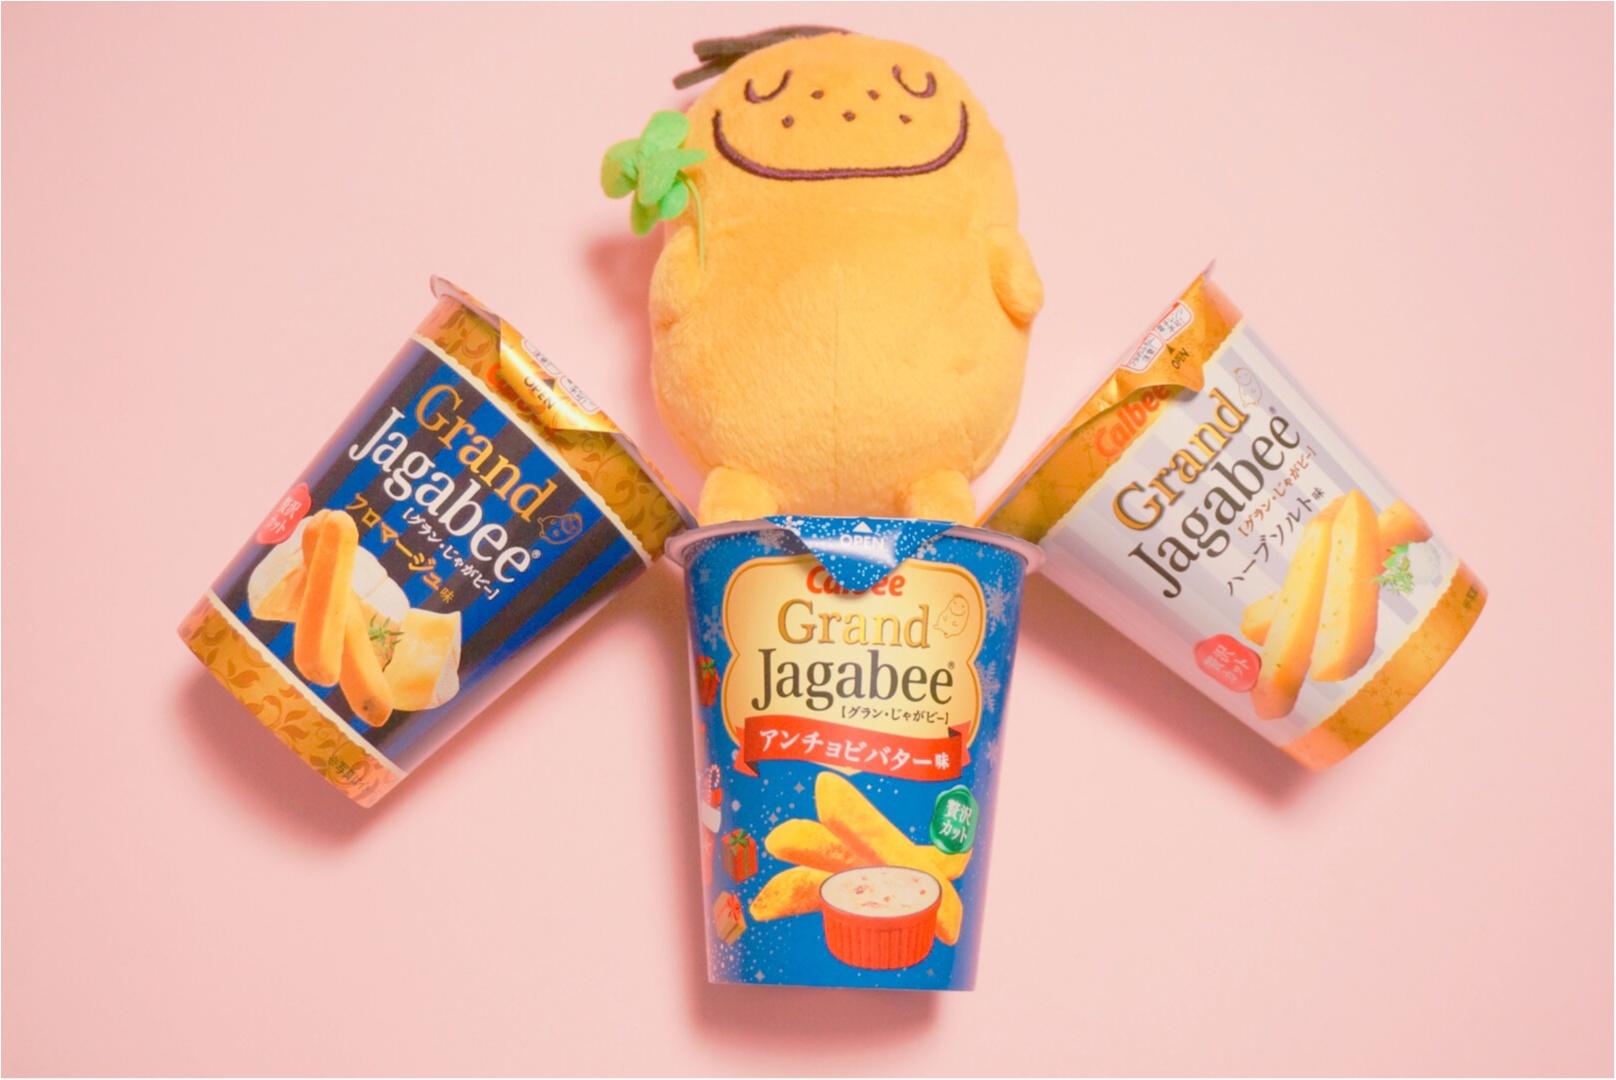 《今日のおやつはちょっぴり贅沢に》一度食べたらやみつきになる【Grand Jagabee】にまたまた新作登場♪_4